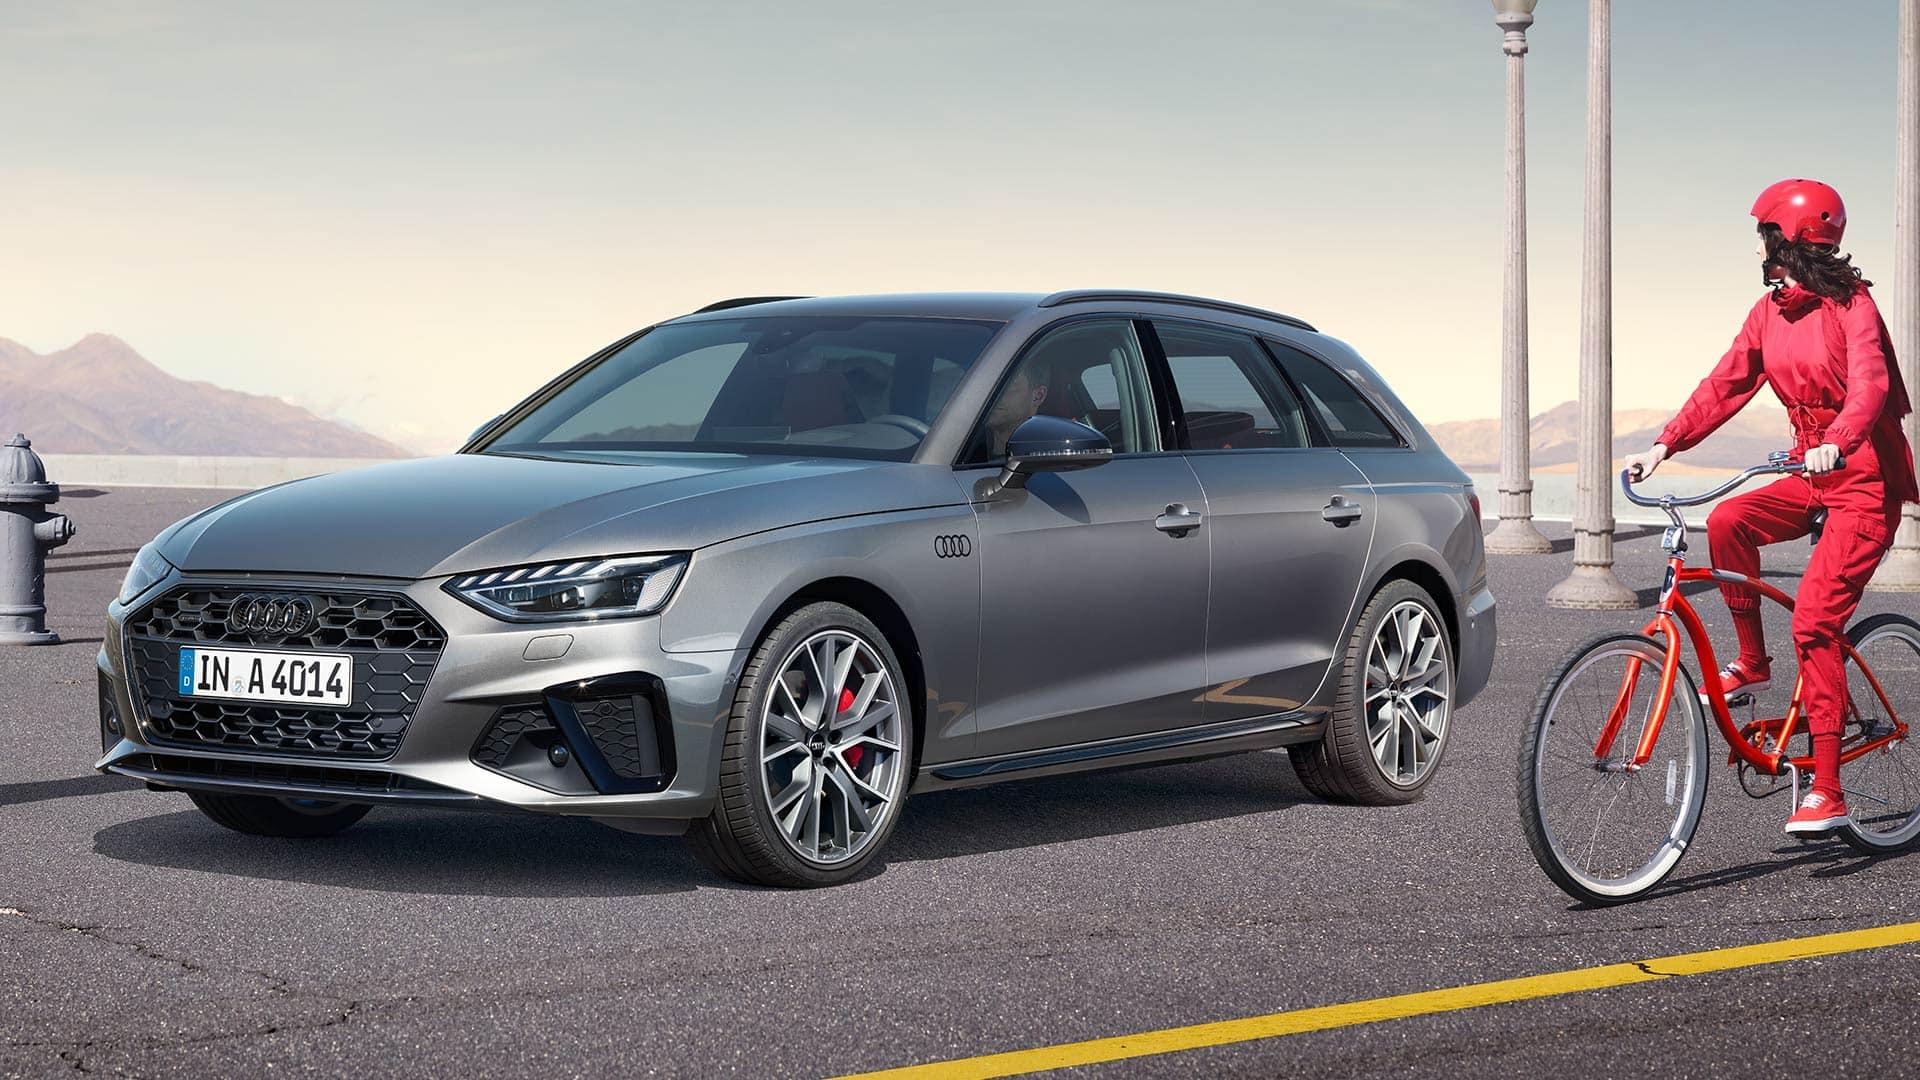 A4 Avant A4 Audi Sverige